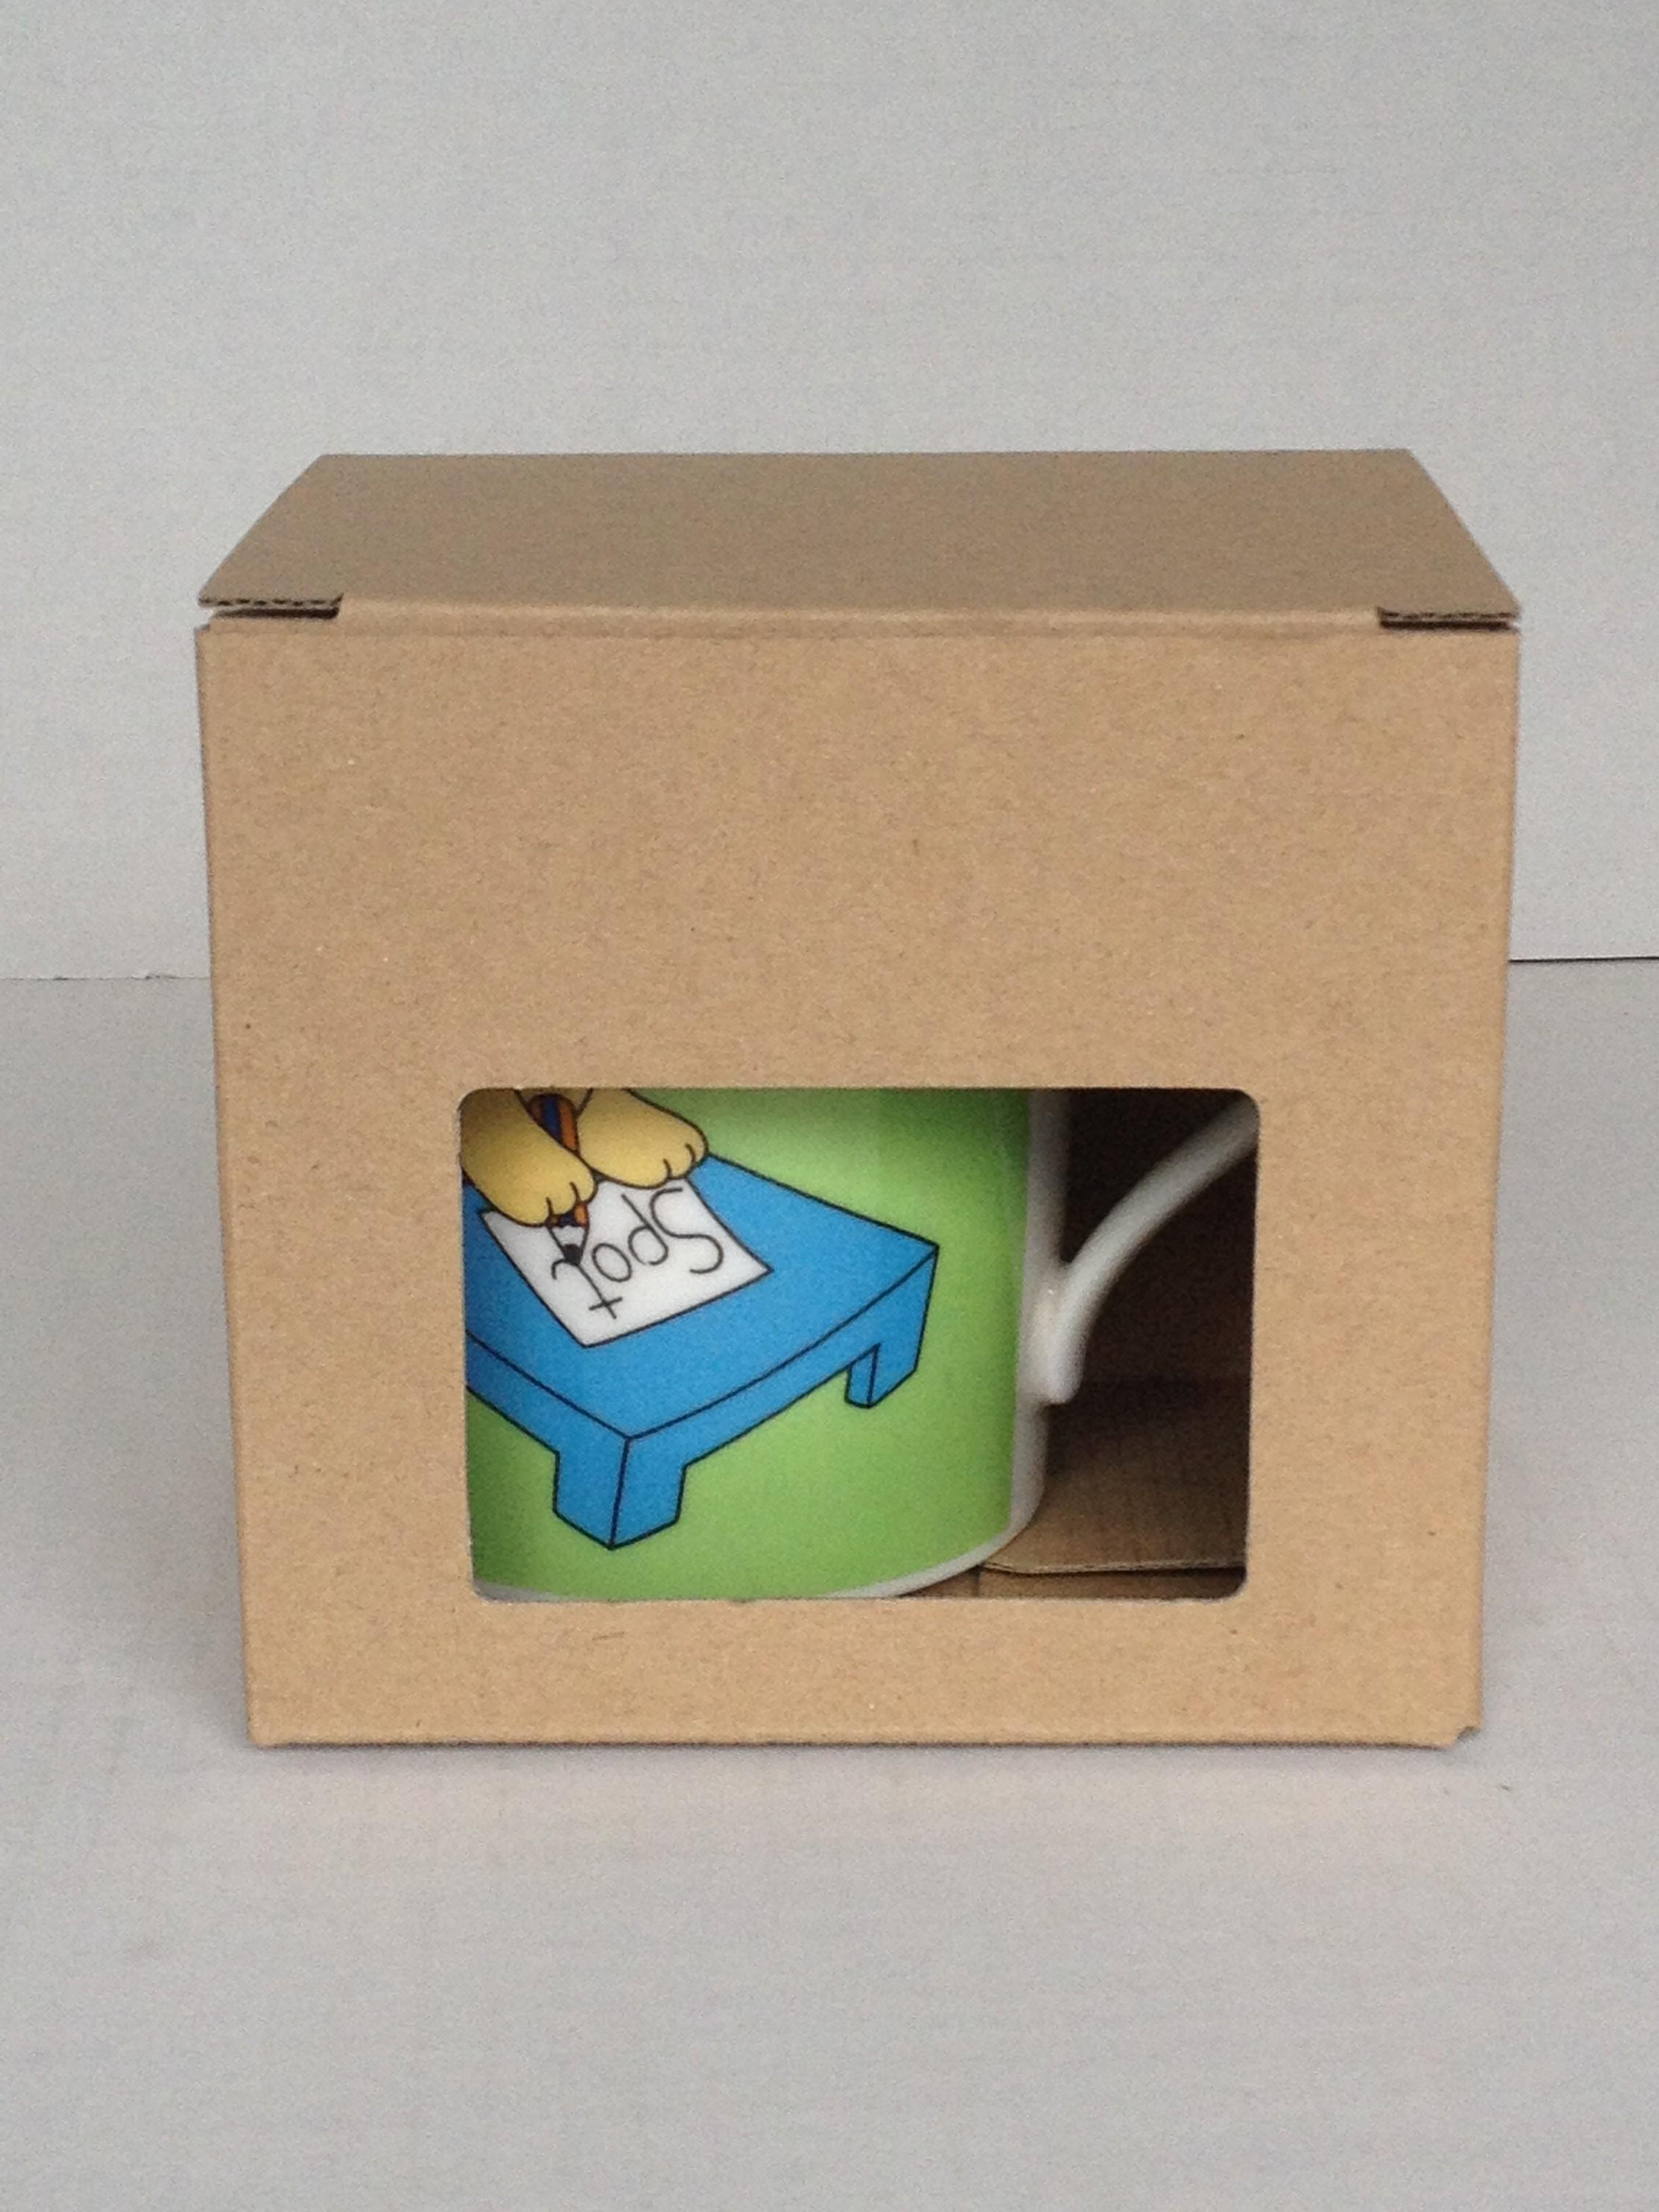 マグカップ用段ボール箱